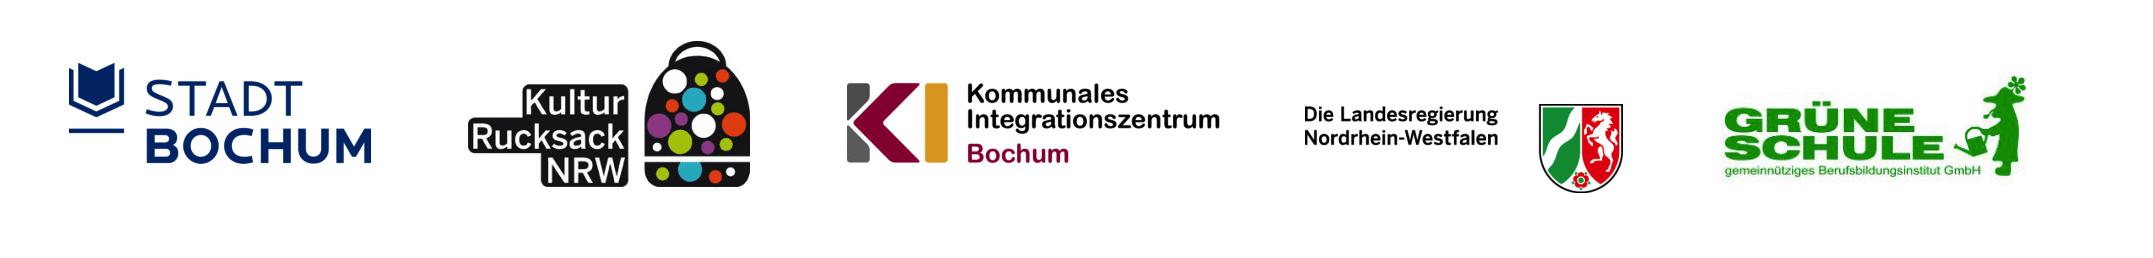 Logos Kulturrucksack